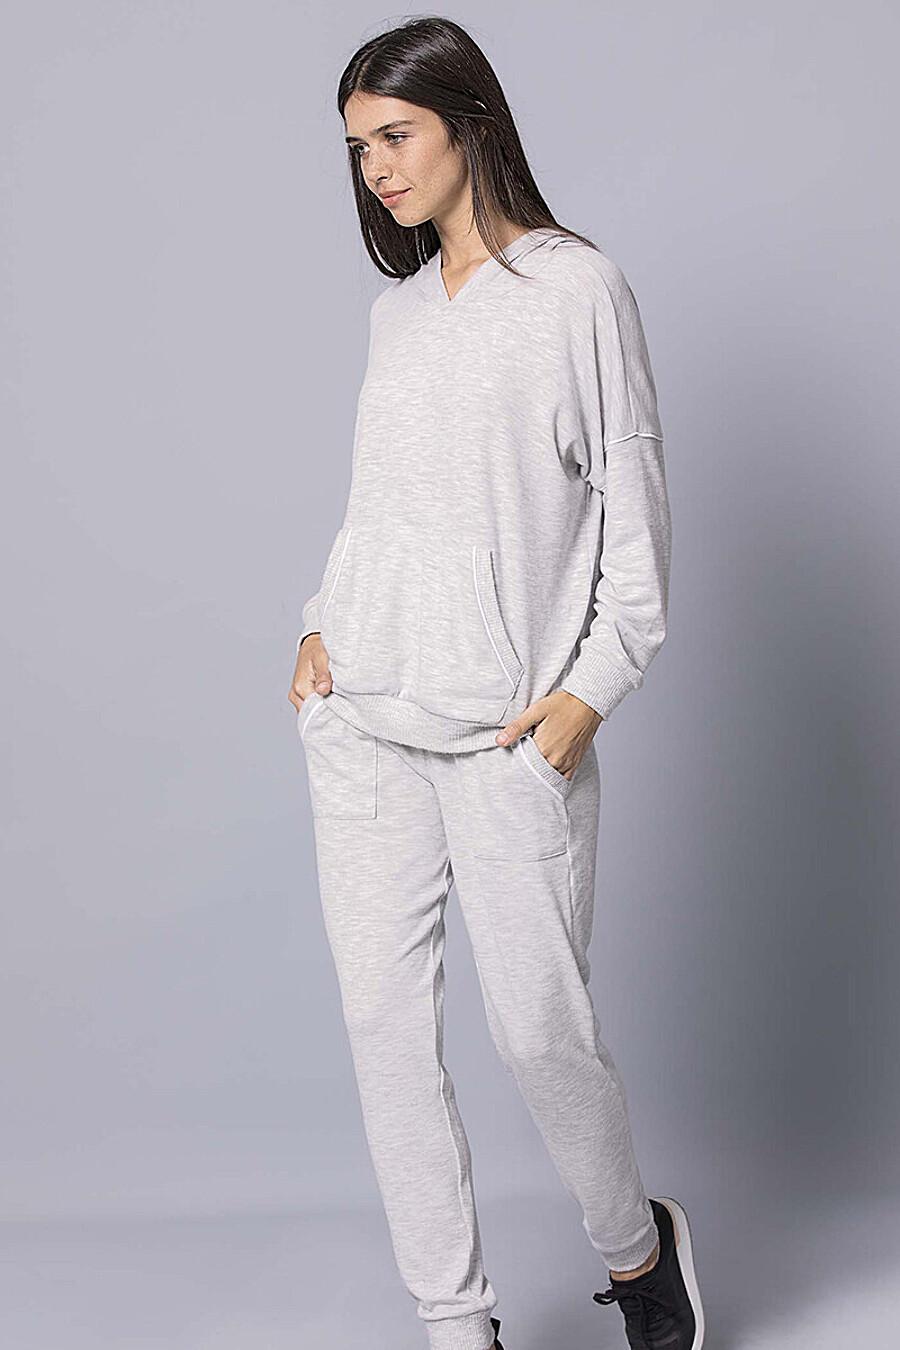 Костюм (худи+брюки) для женщин PE.CHITTO 169424 купить оптом от производителя. Совместная покупка женской одежды в OptMoyo